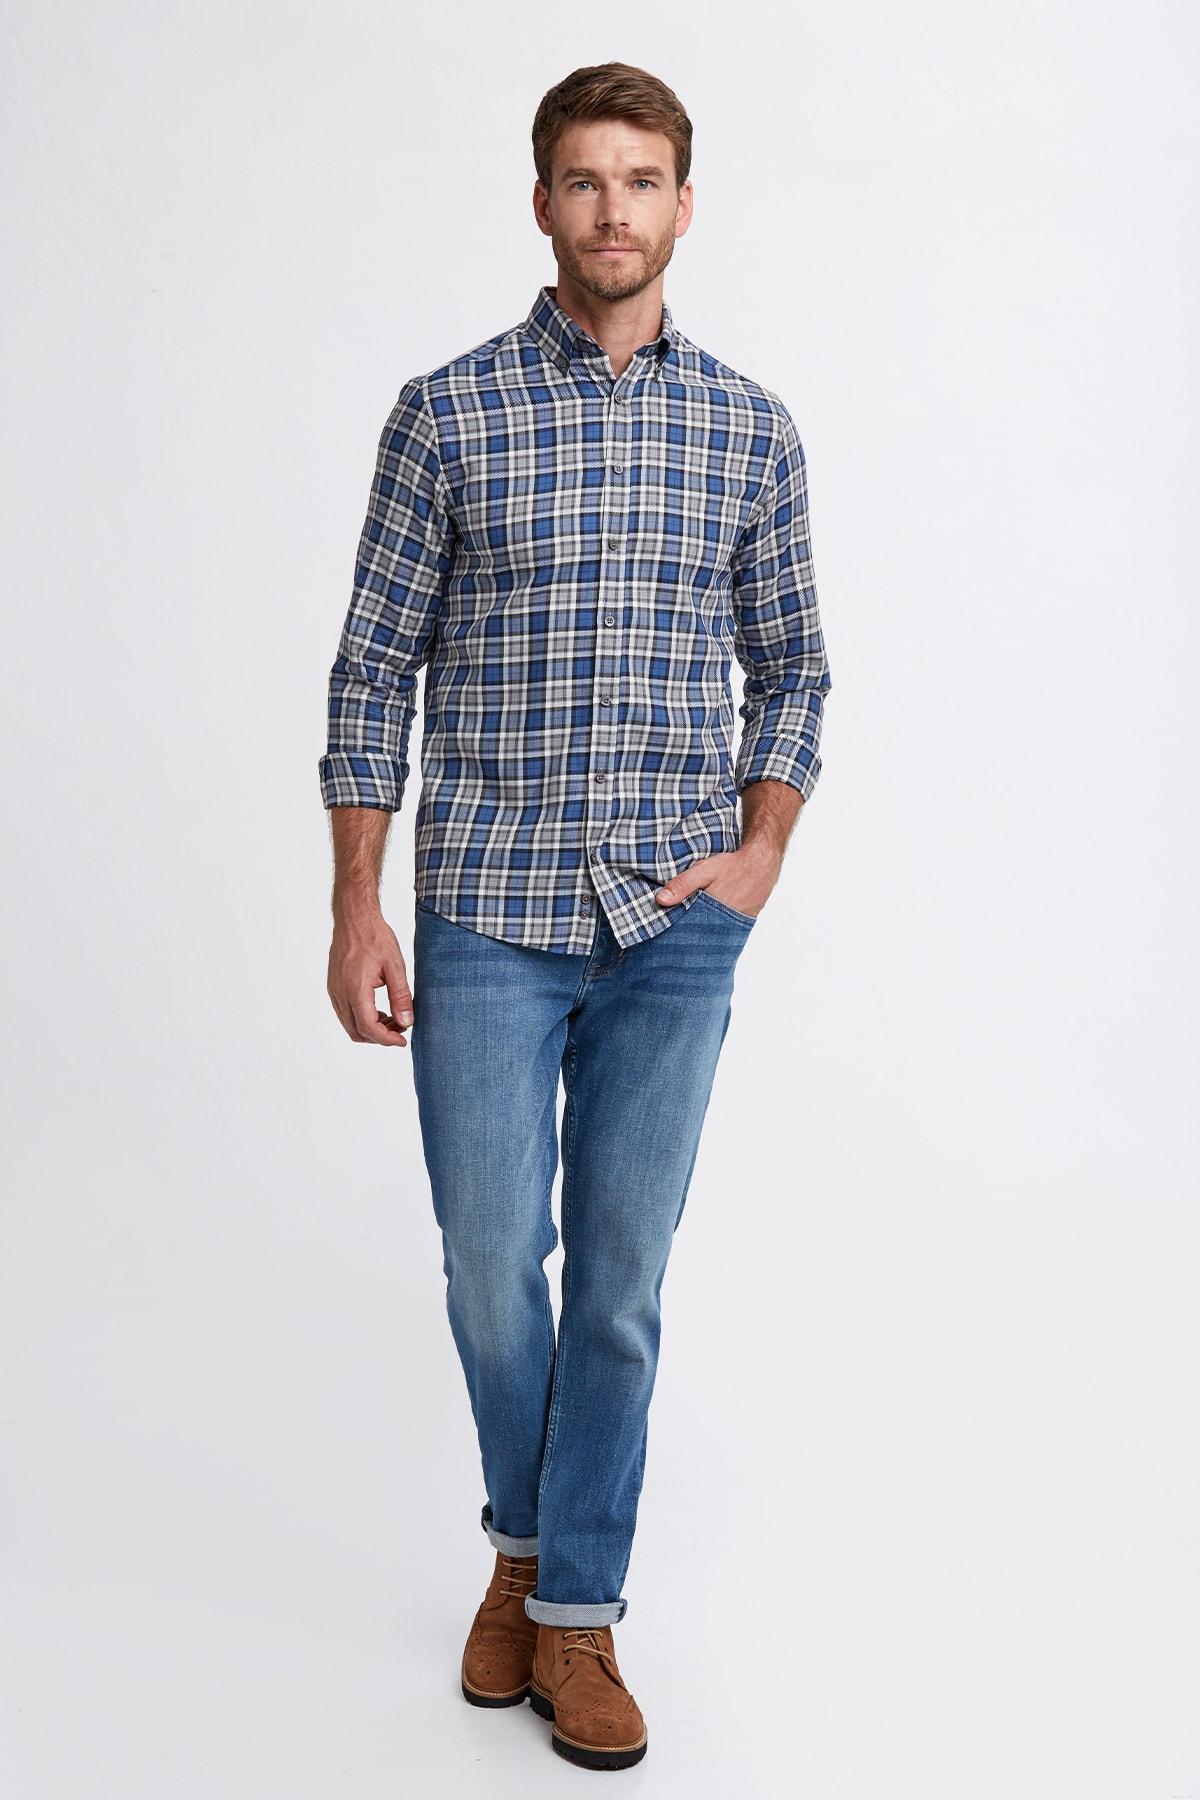 Hemington Erkek Mavi Ekose Desen Pamuk Gömlek 2